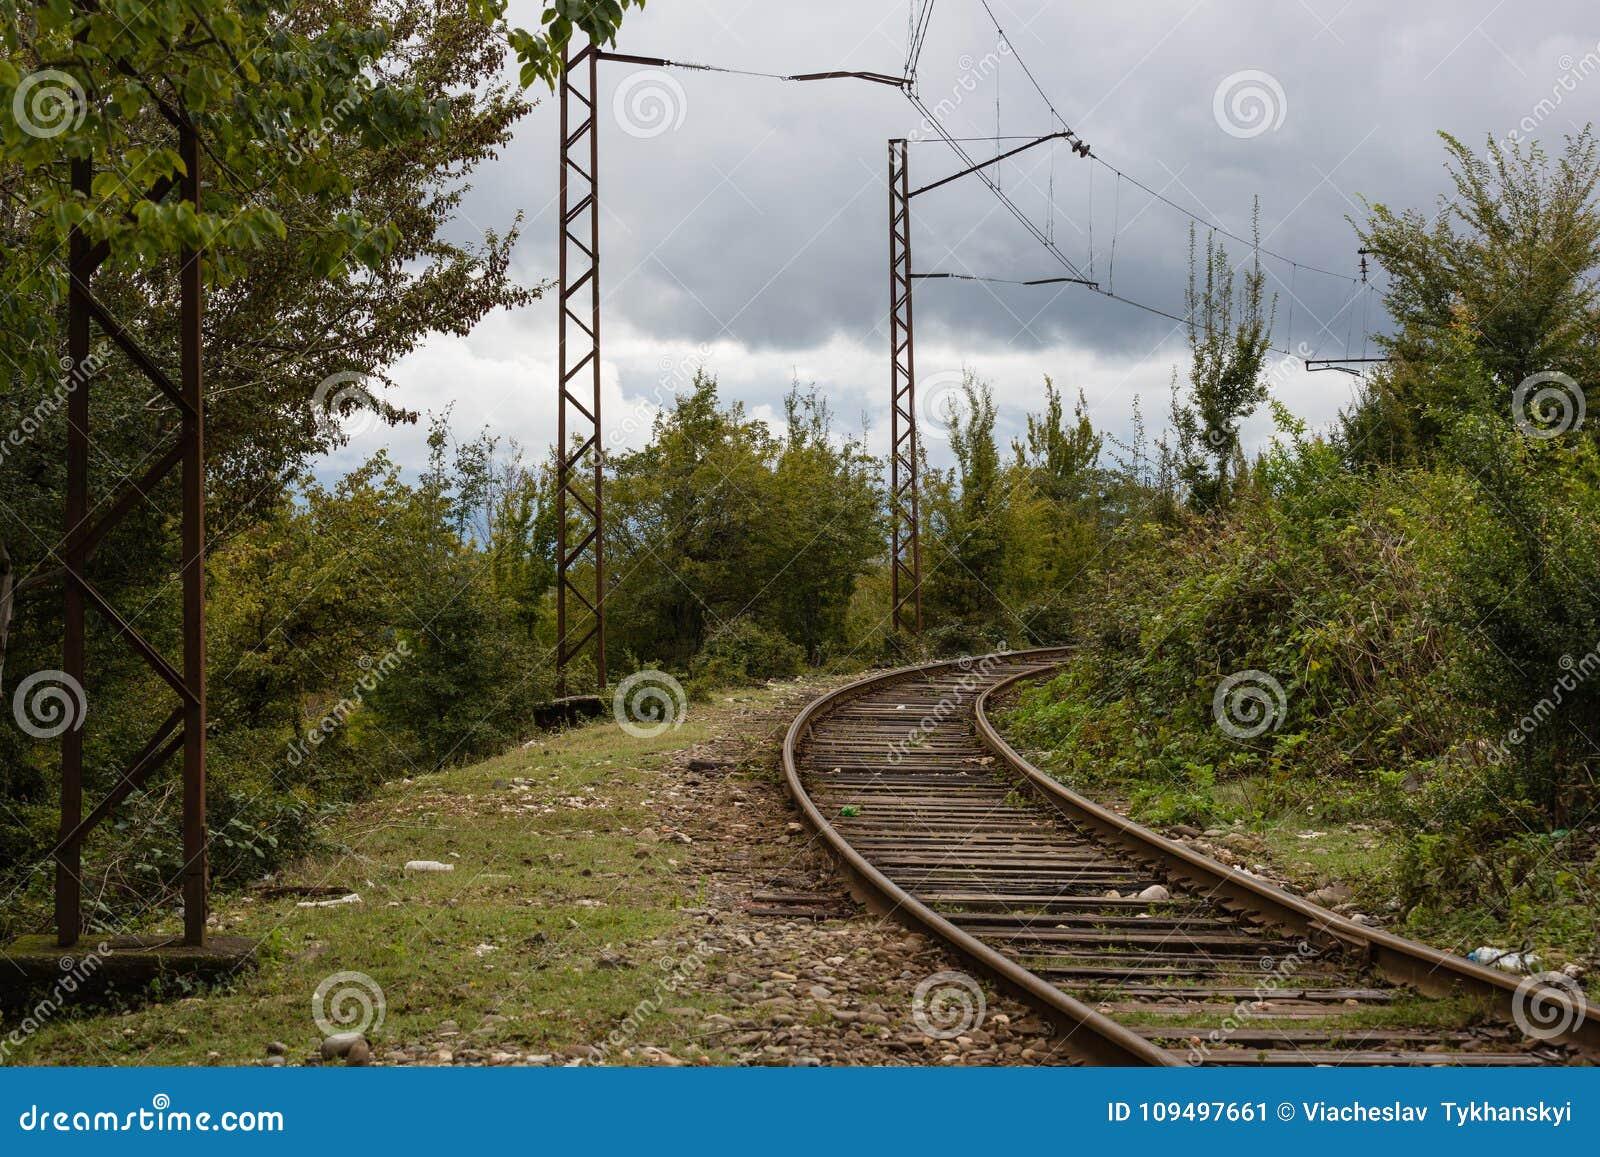 Spoorweg in de bergen van Georgië